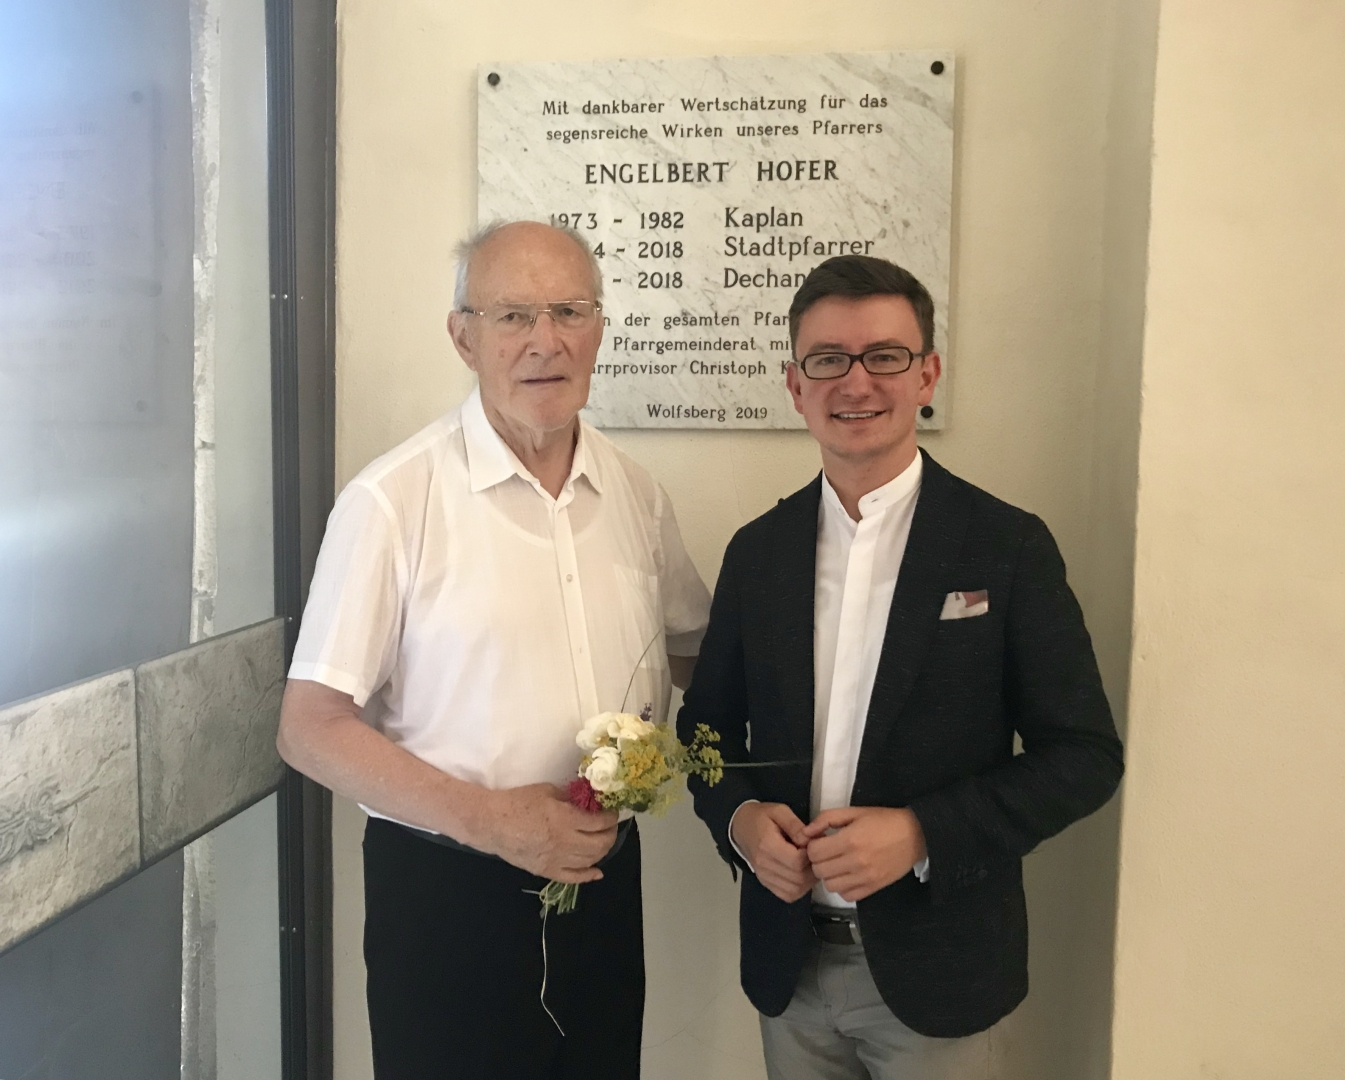 Pfarrer Emeritus Mag. Engelbert Hofer (links) zusammen mit Pfarrprovisor Mag. Dr. Christoph Kranicki vor der Danktafel neben dem Haupteingang der Markuskirche (© Pfarre Wolfsberg).